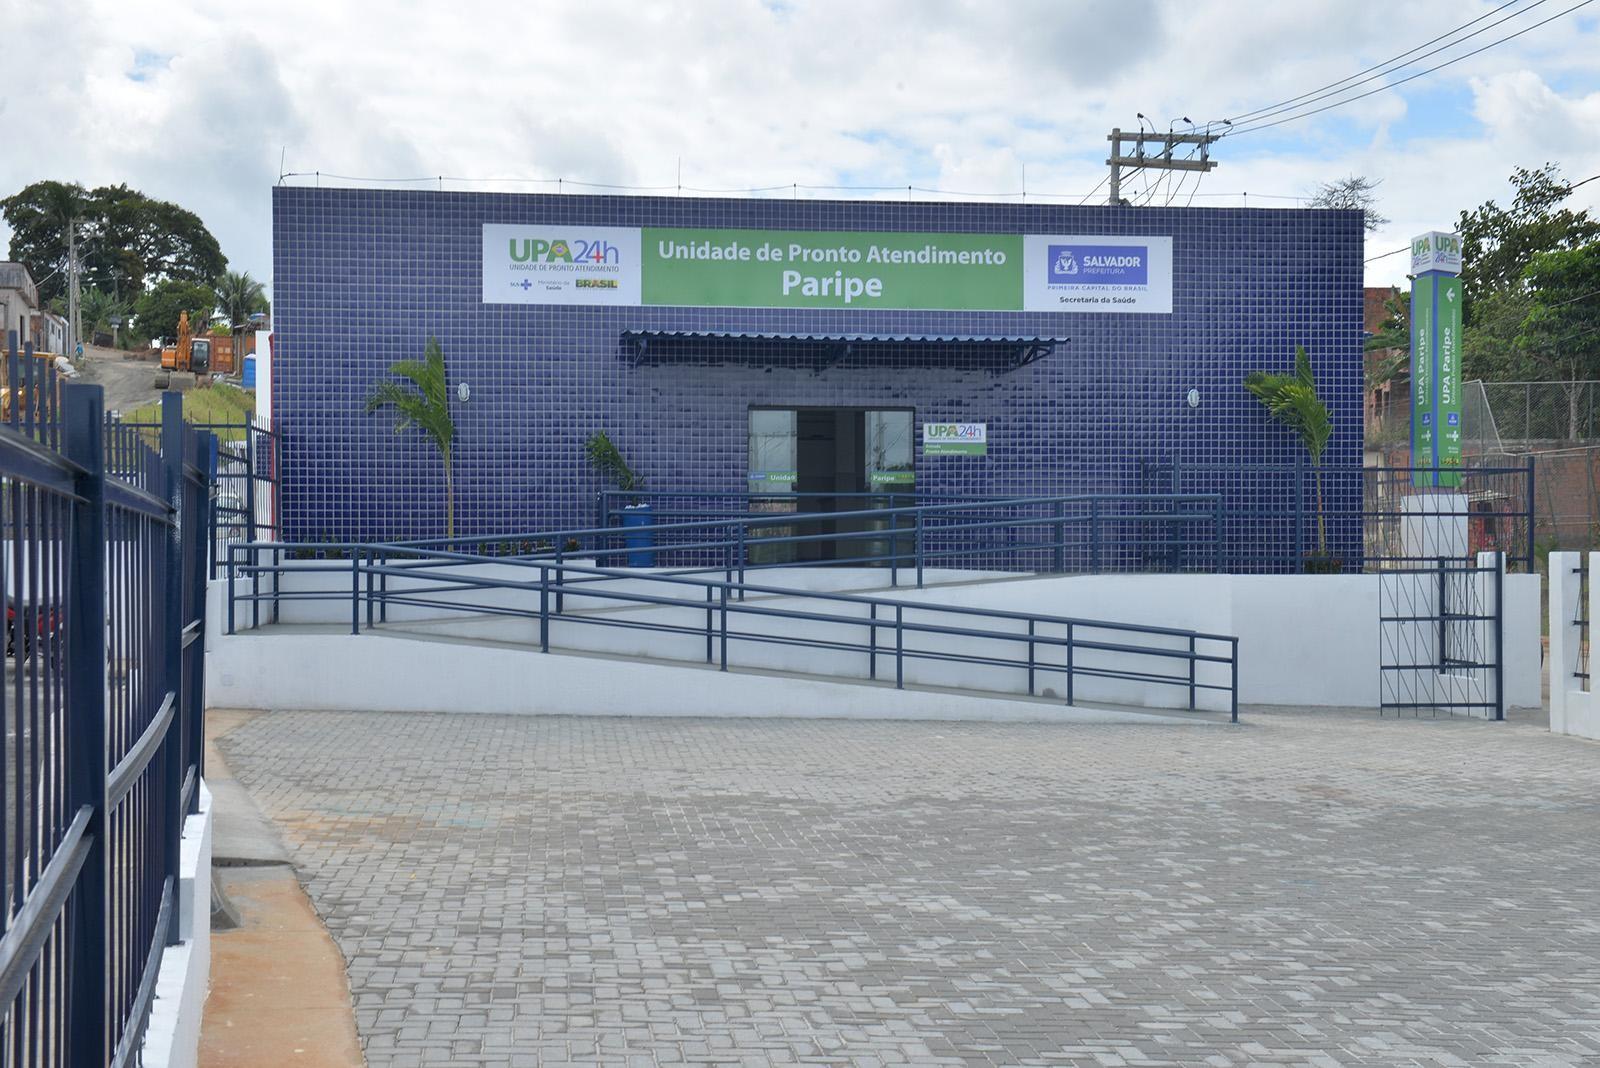 UPAs de Salvador recebem, entre maio e junho, quase 730 pacientes com Covid-19 do interior e região metropolitana